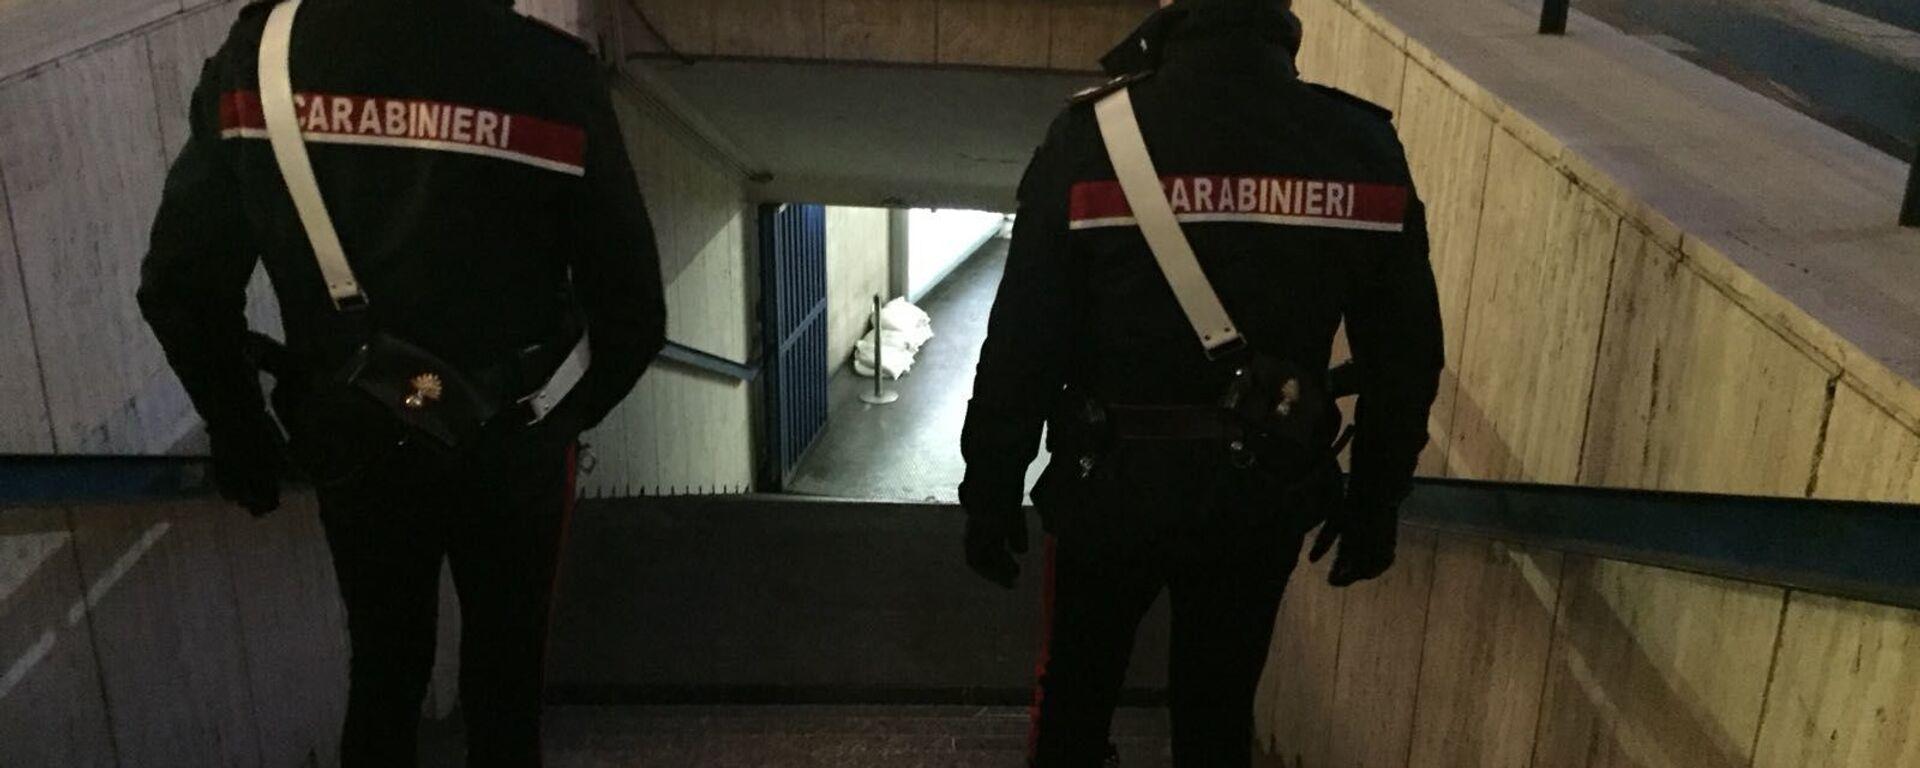 Controlli dei carabinieri alla stazione Termini - Sputnik Italia, 1920, 01.04.2021